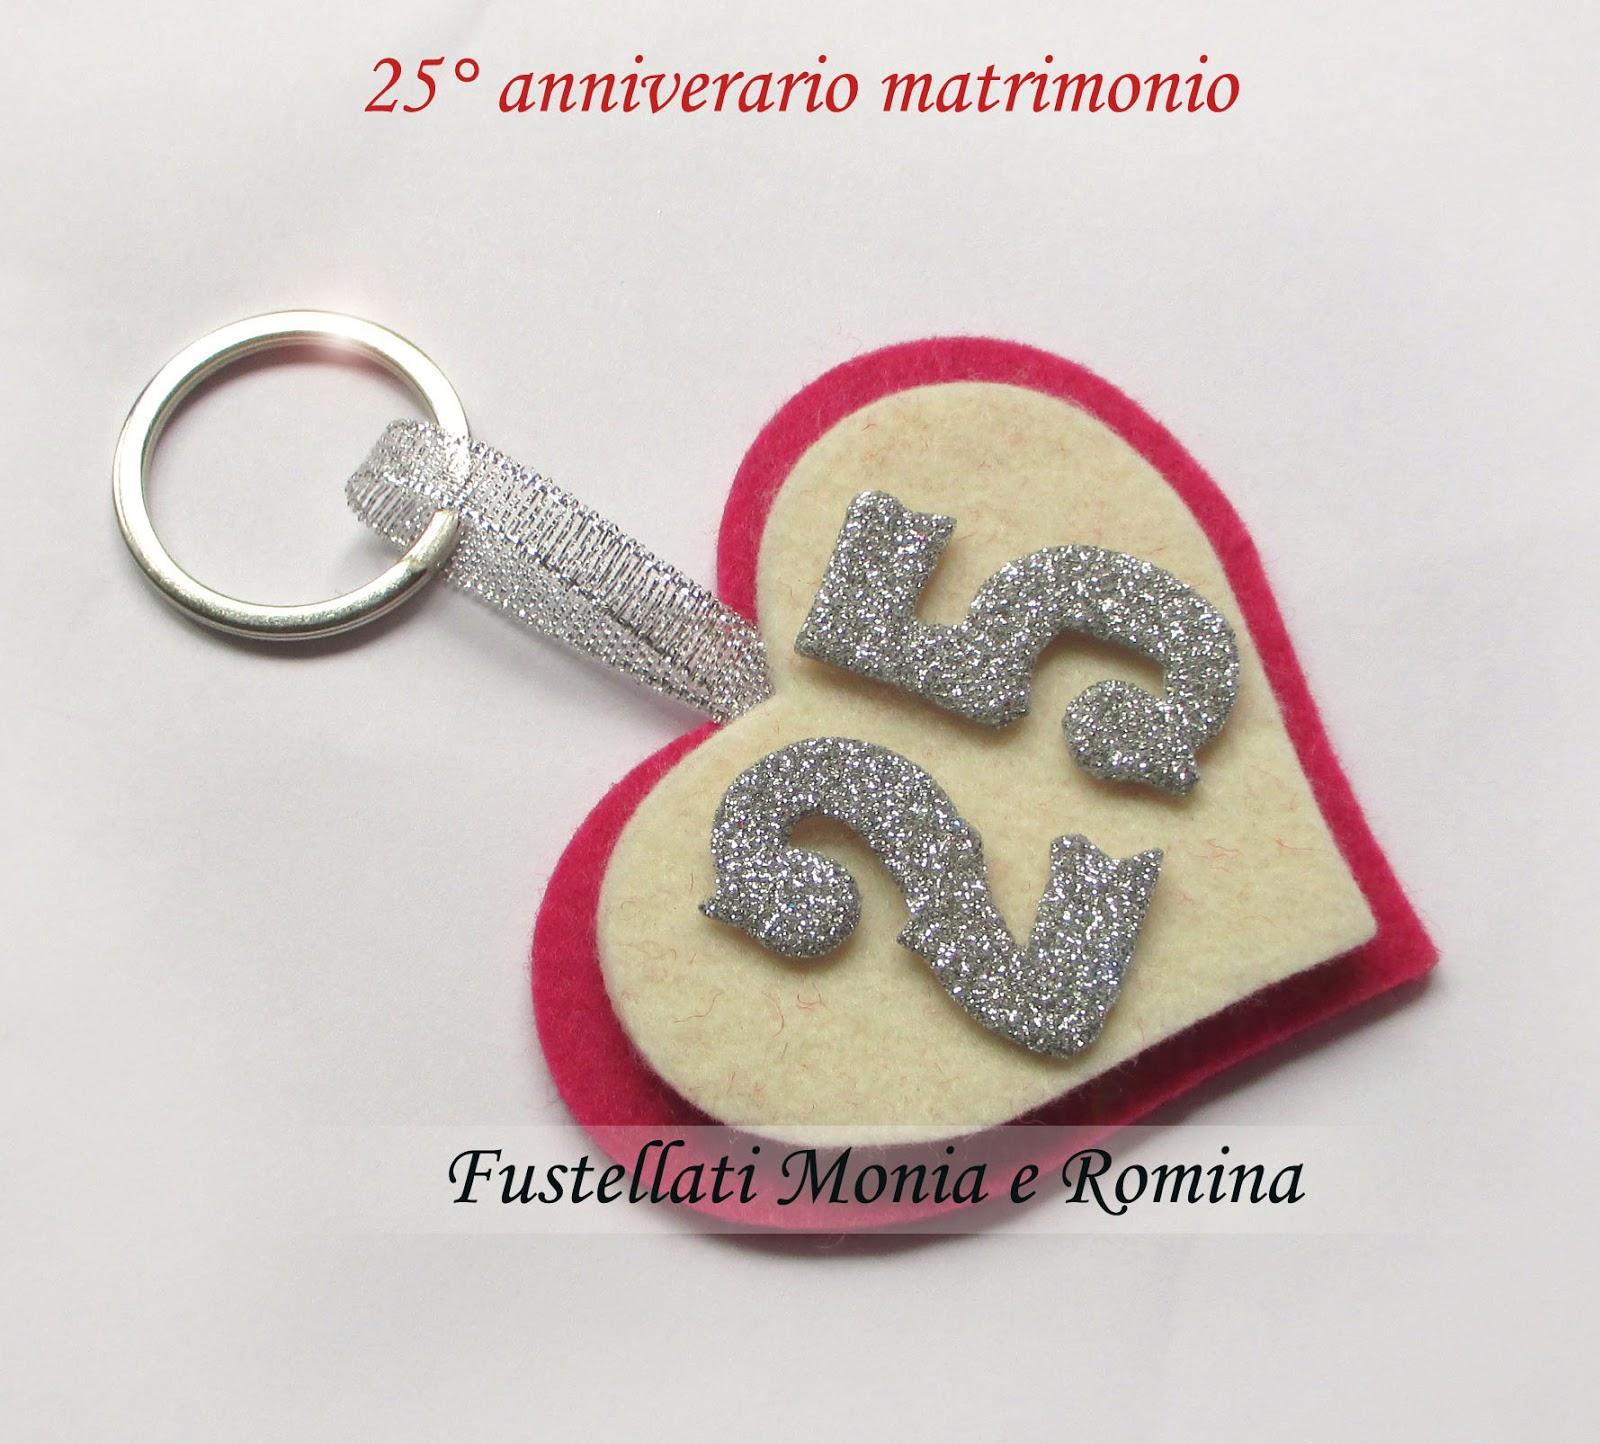 Best segnaposto matrimonio fai da te originali matrimonio for Idee regalo per 25 anni matrimonio